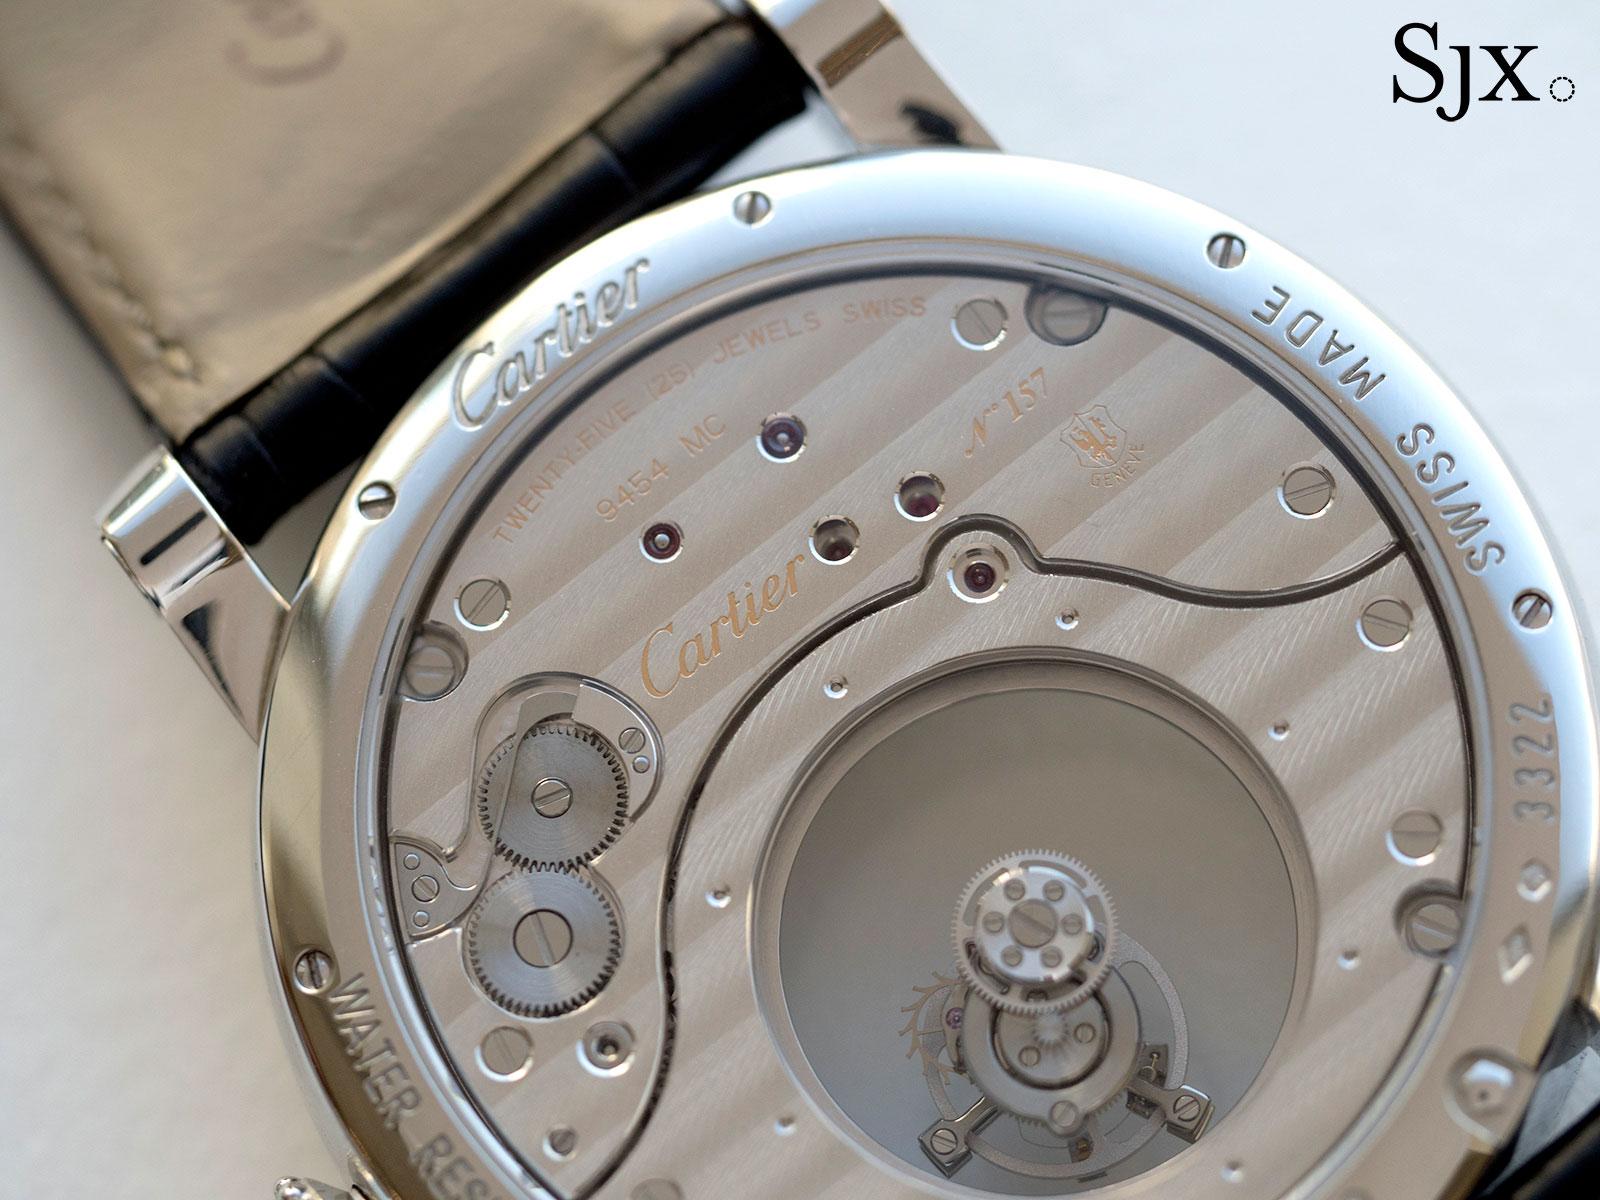 Cartier double mysterious tourbillon sothebys 5